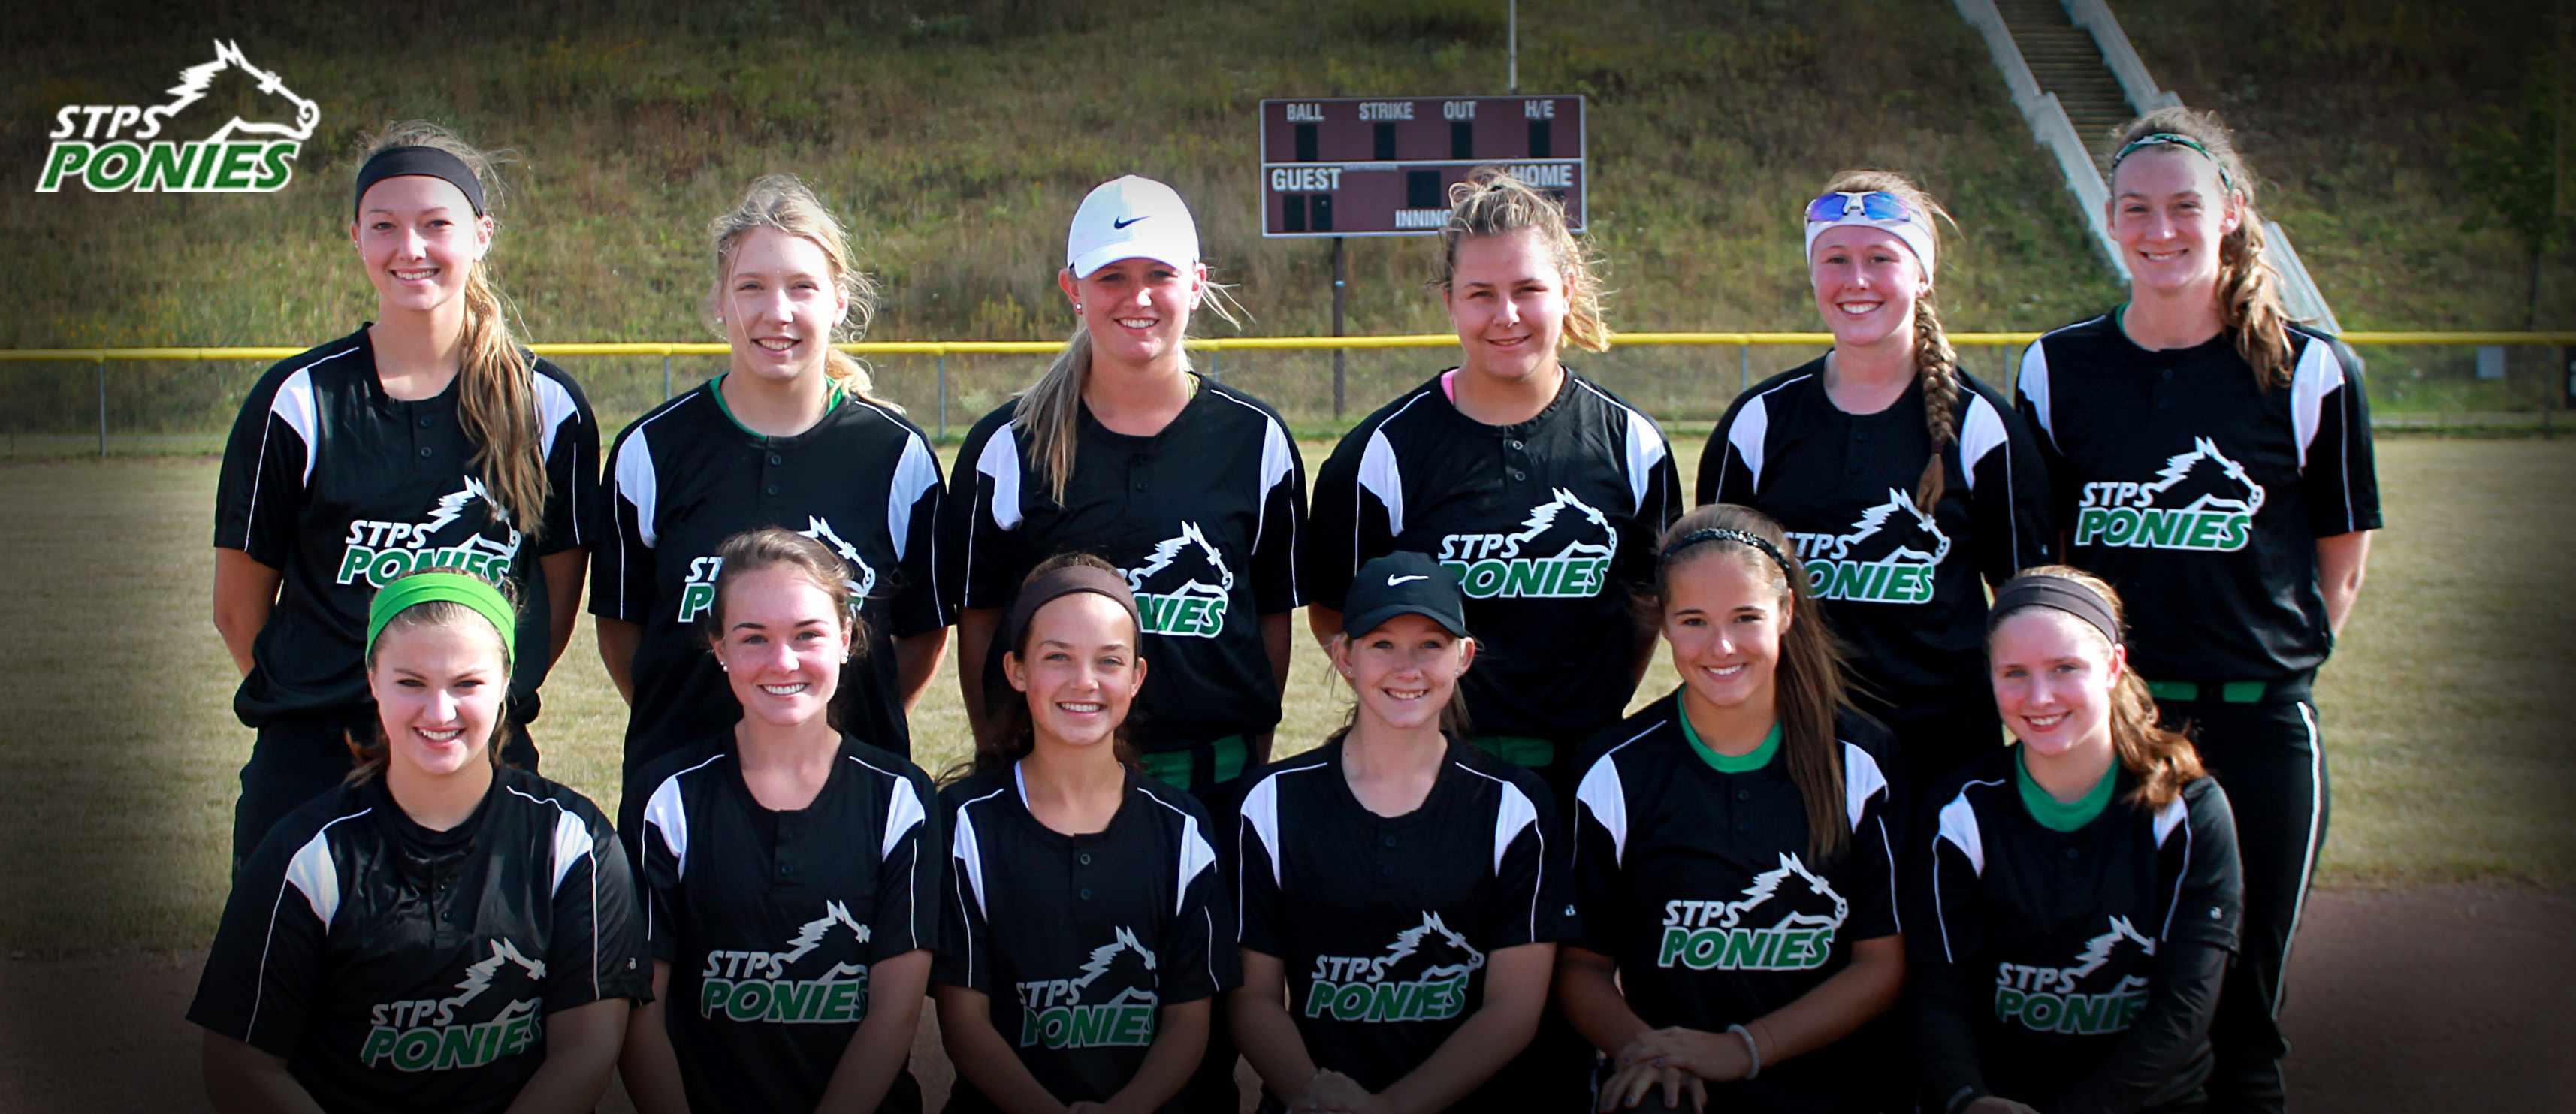 2016 Team Picture